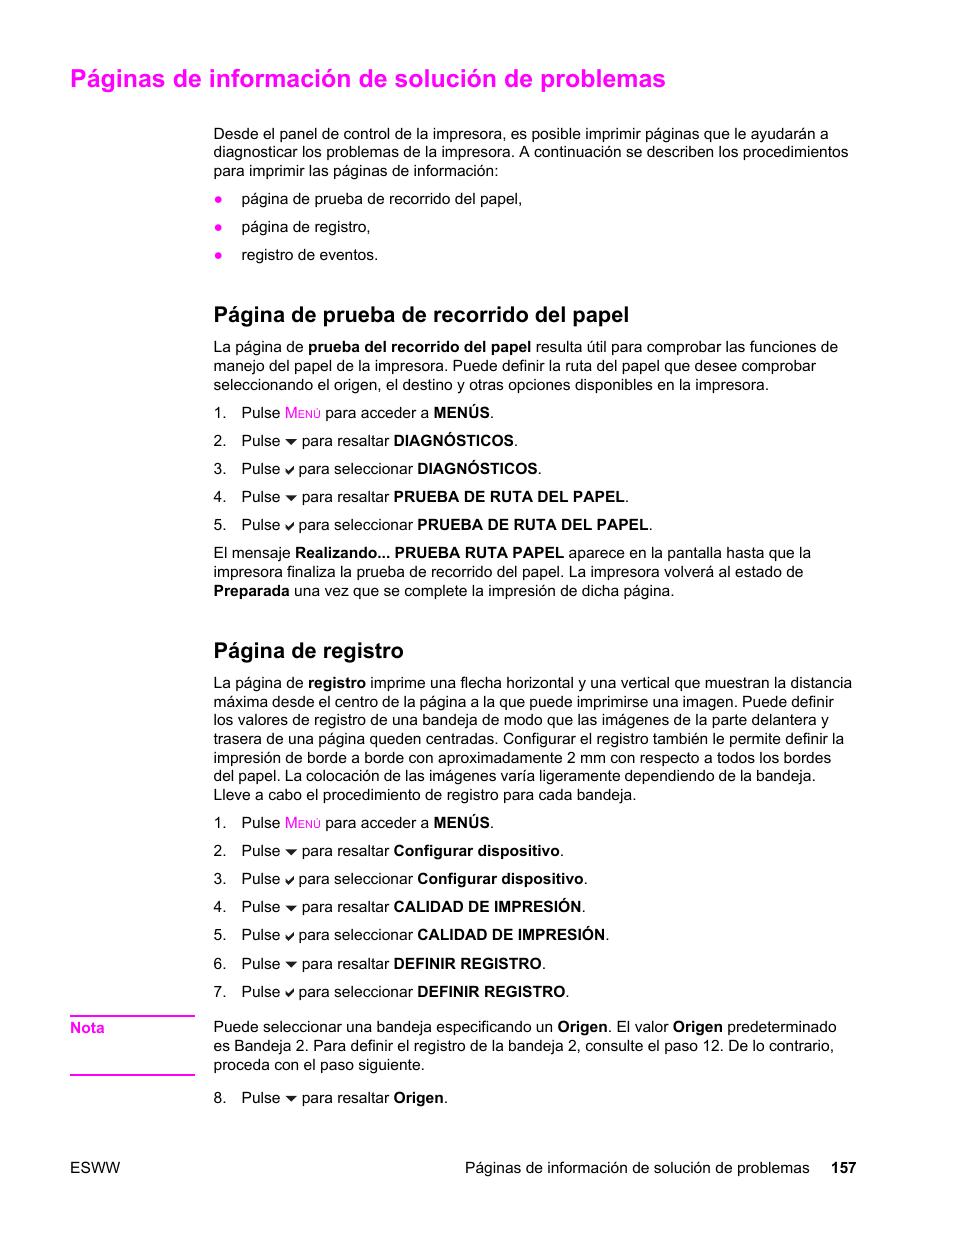 Páginas de información de solución de problemas, Página de prueba de ...